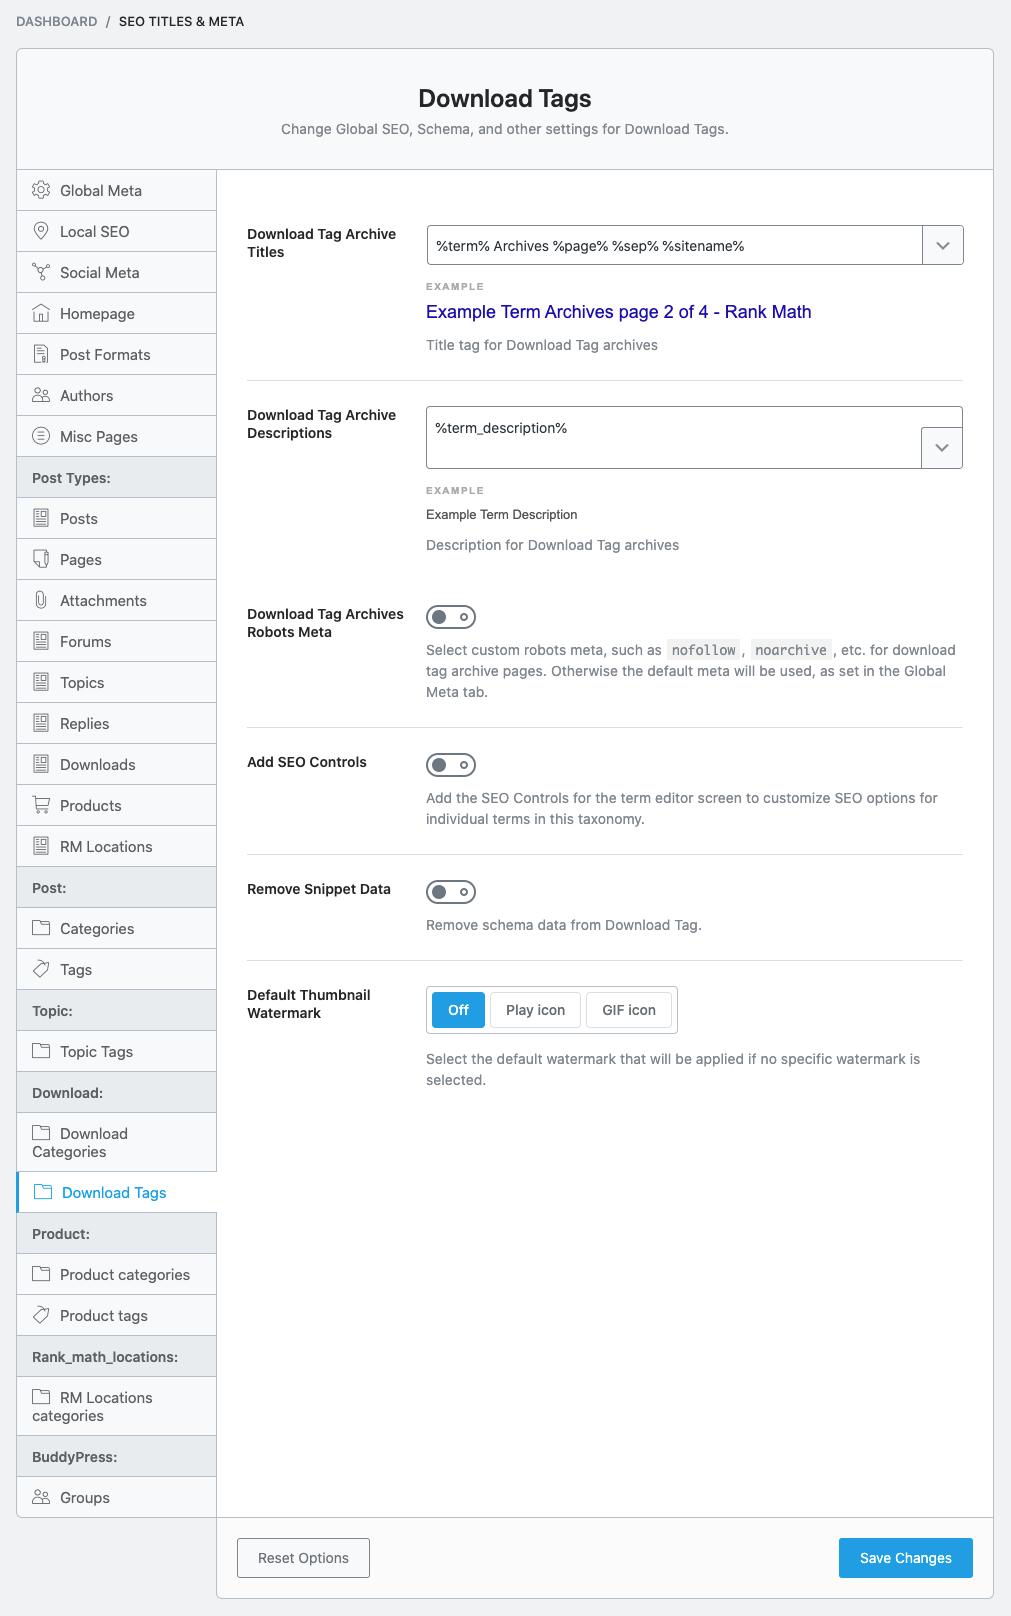 Download Tag Titles & Meta settings